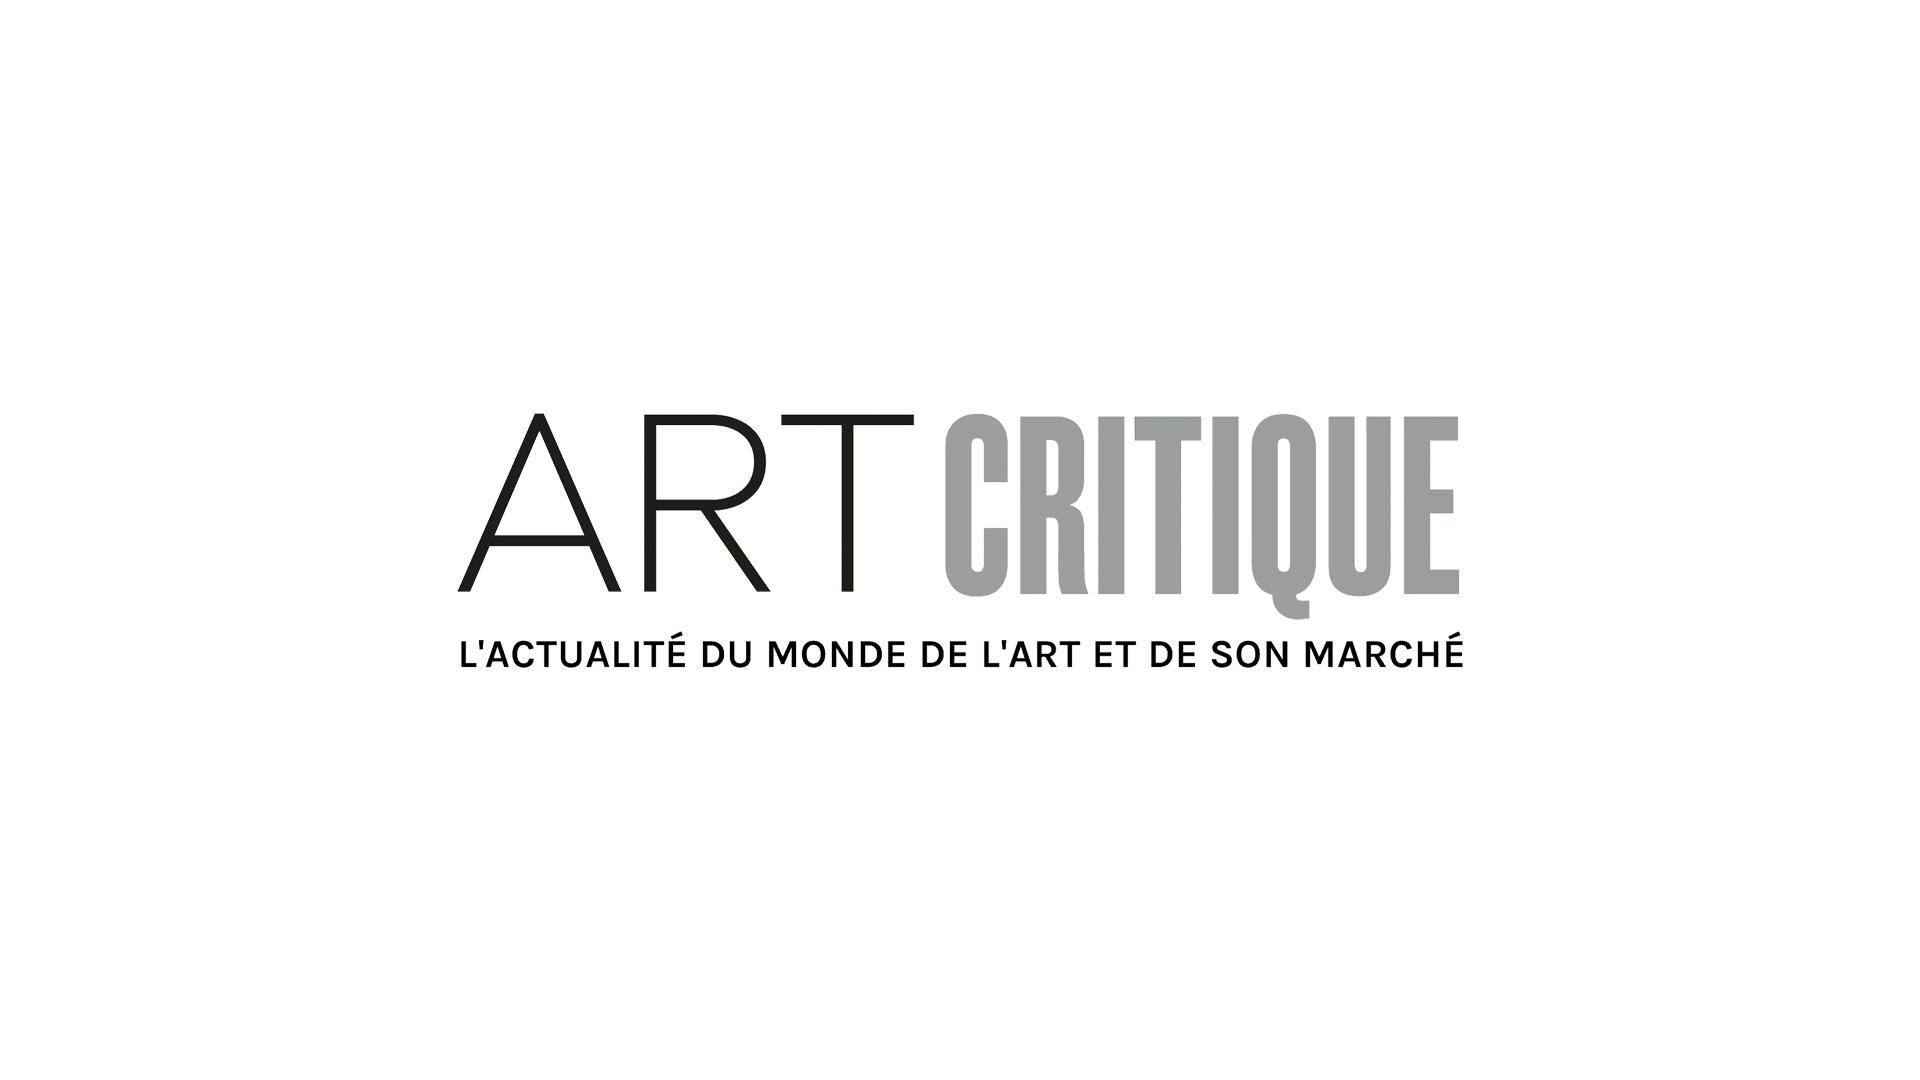 Five must-see documentaries on art